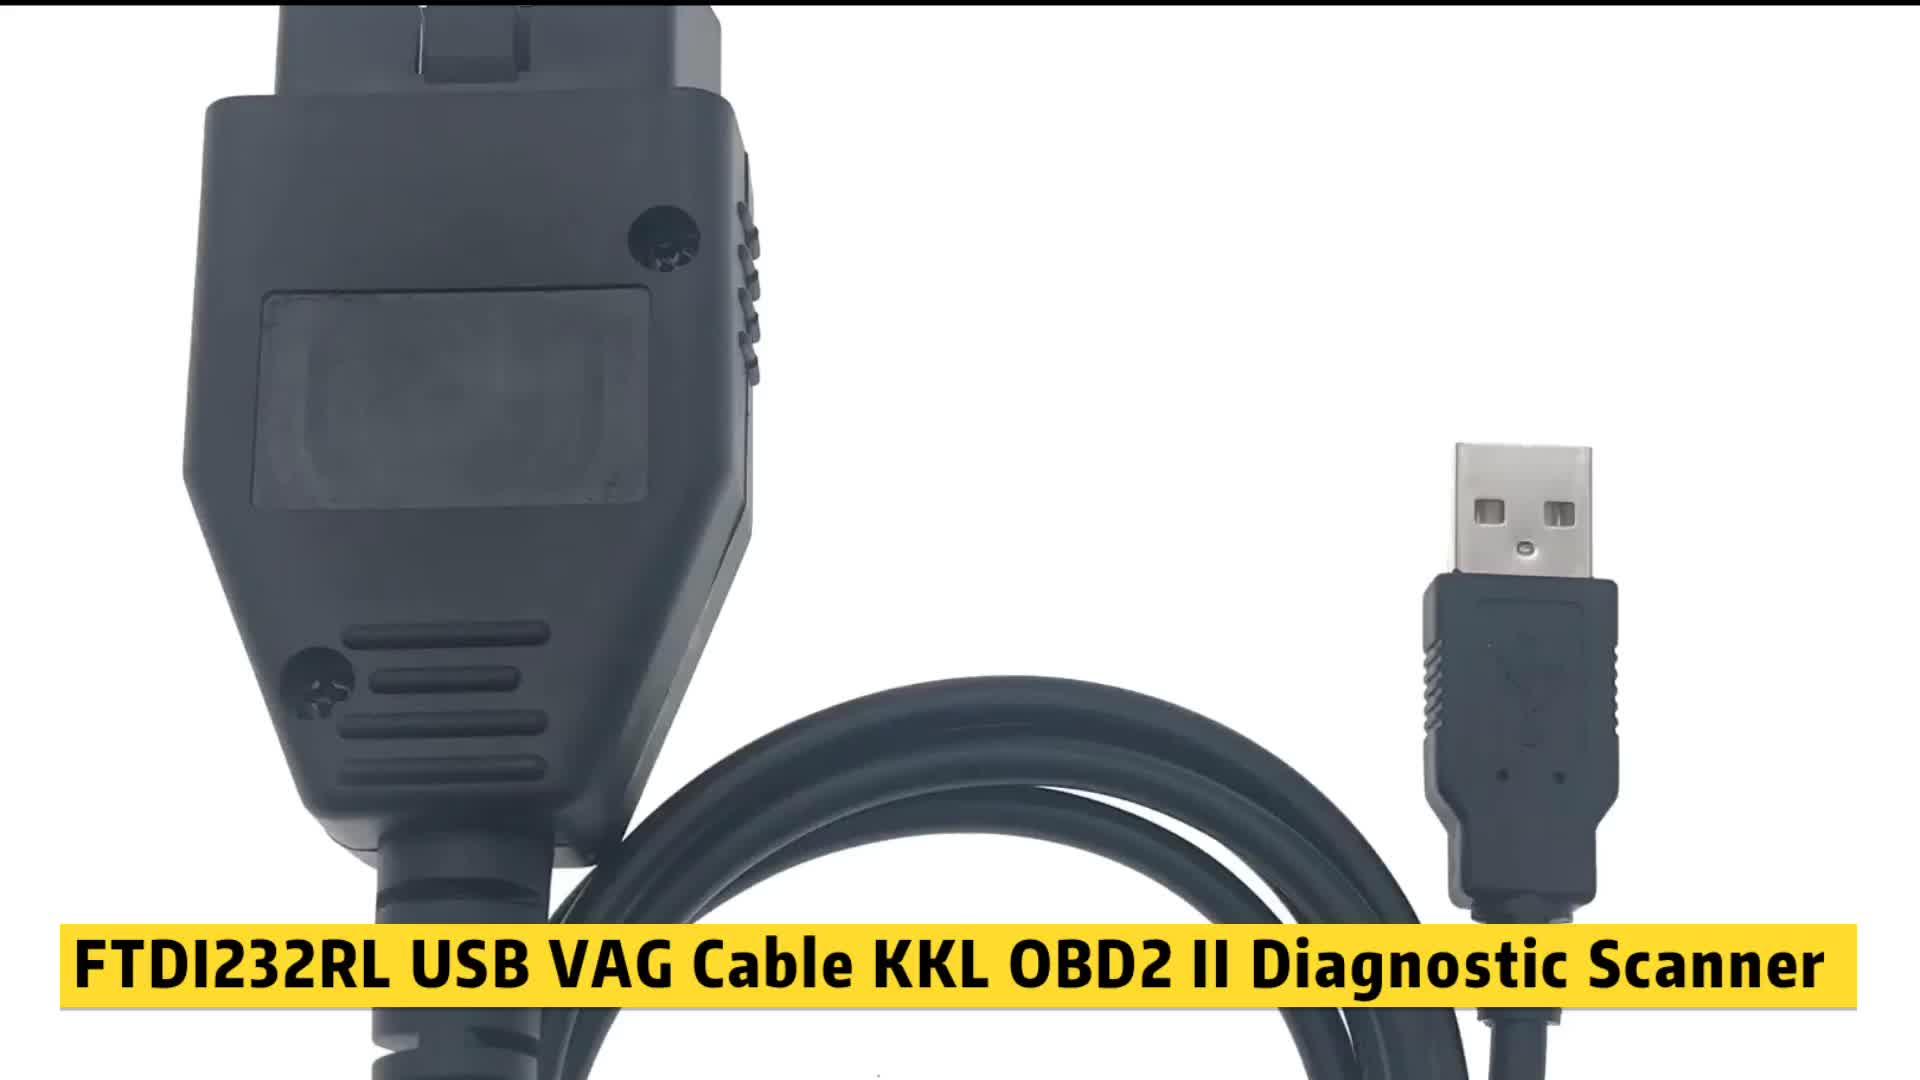 FTDI232RL USB VAG Cable KKL OBD2 II escáner de diagnóstico